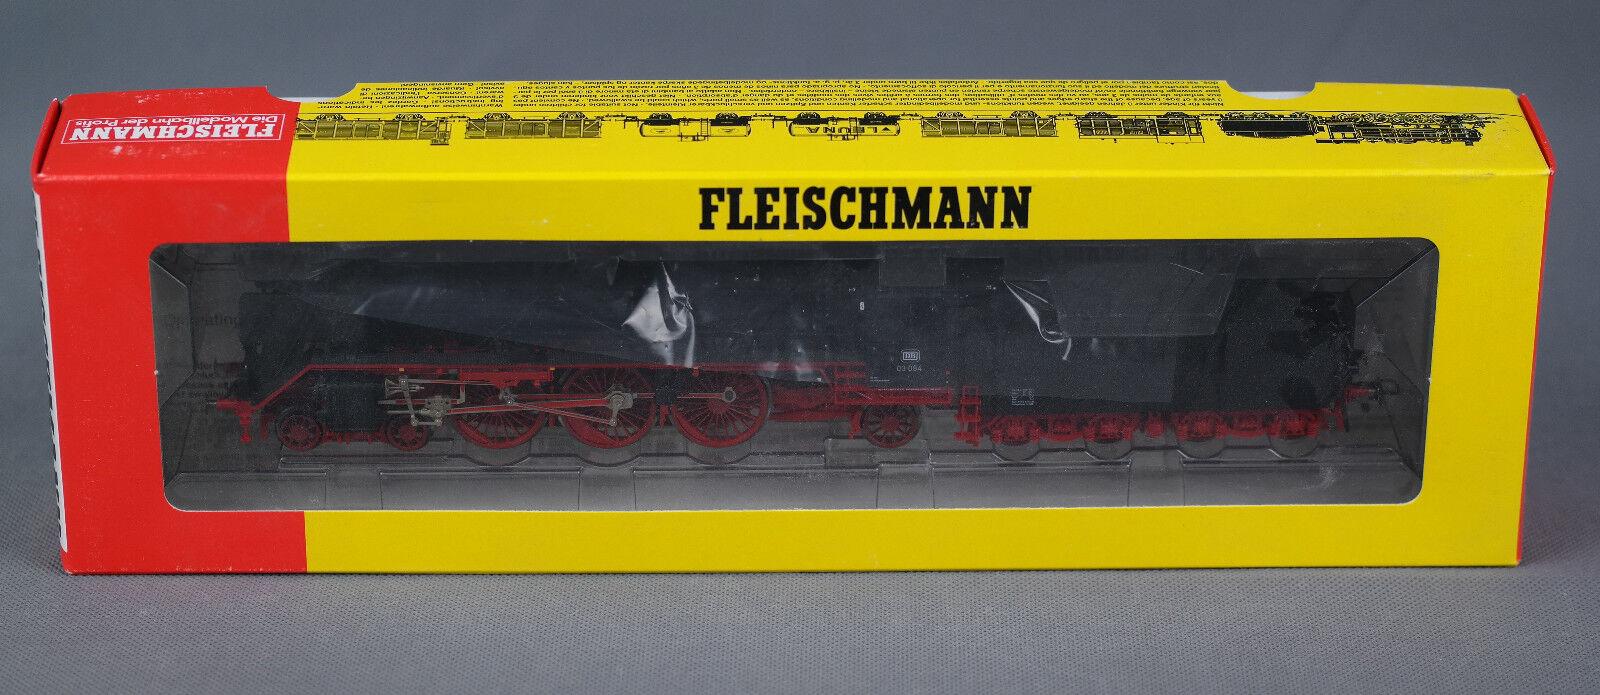 Fleischmann 1103 [h0 ] schlepptenderlokomotive br 03.0-2 de la DB-productos nuevos